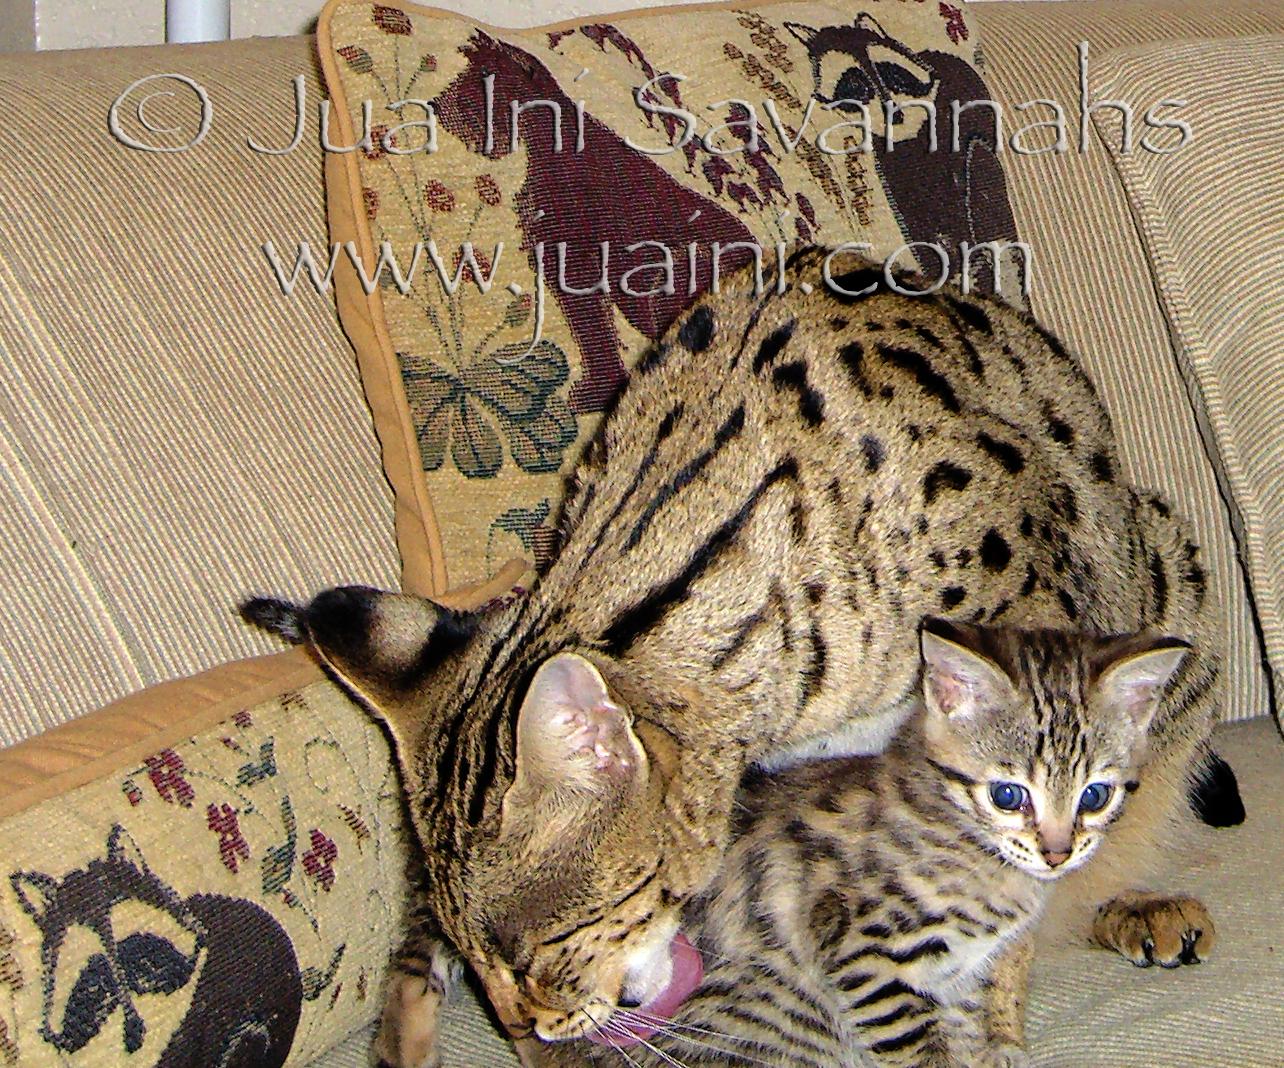 Capoeira babysitting F3 Savannah kittens